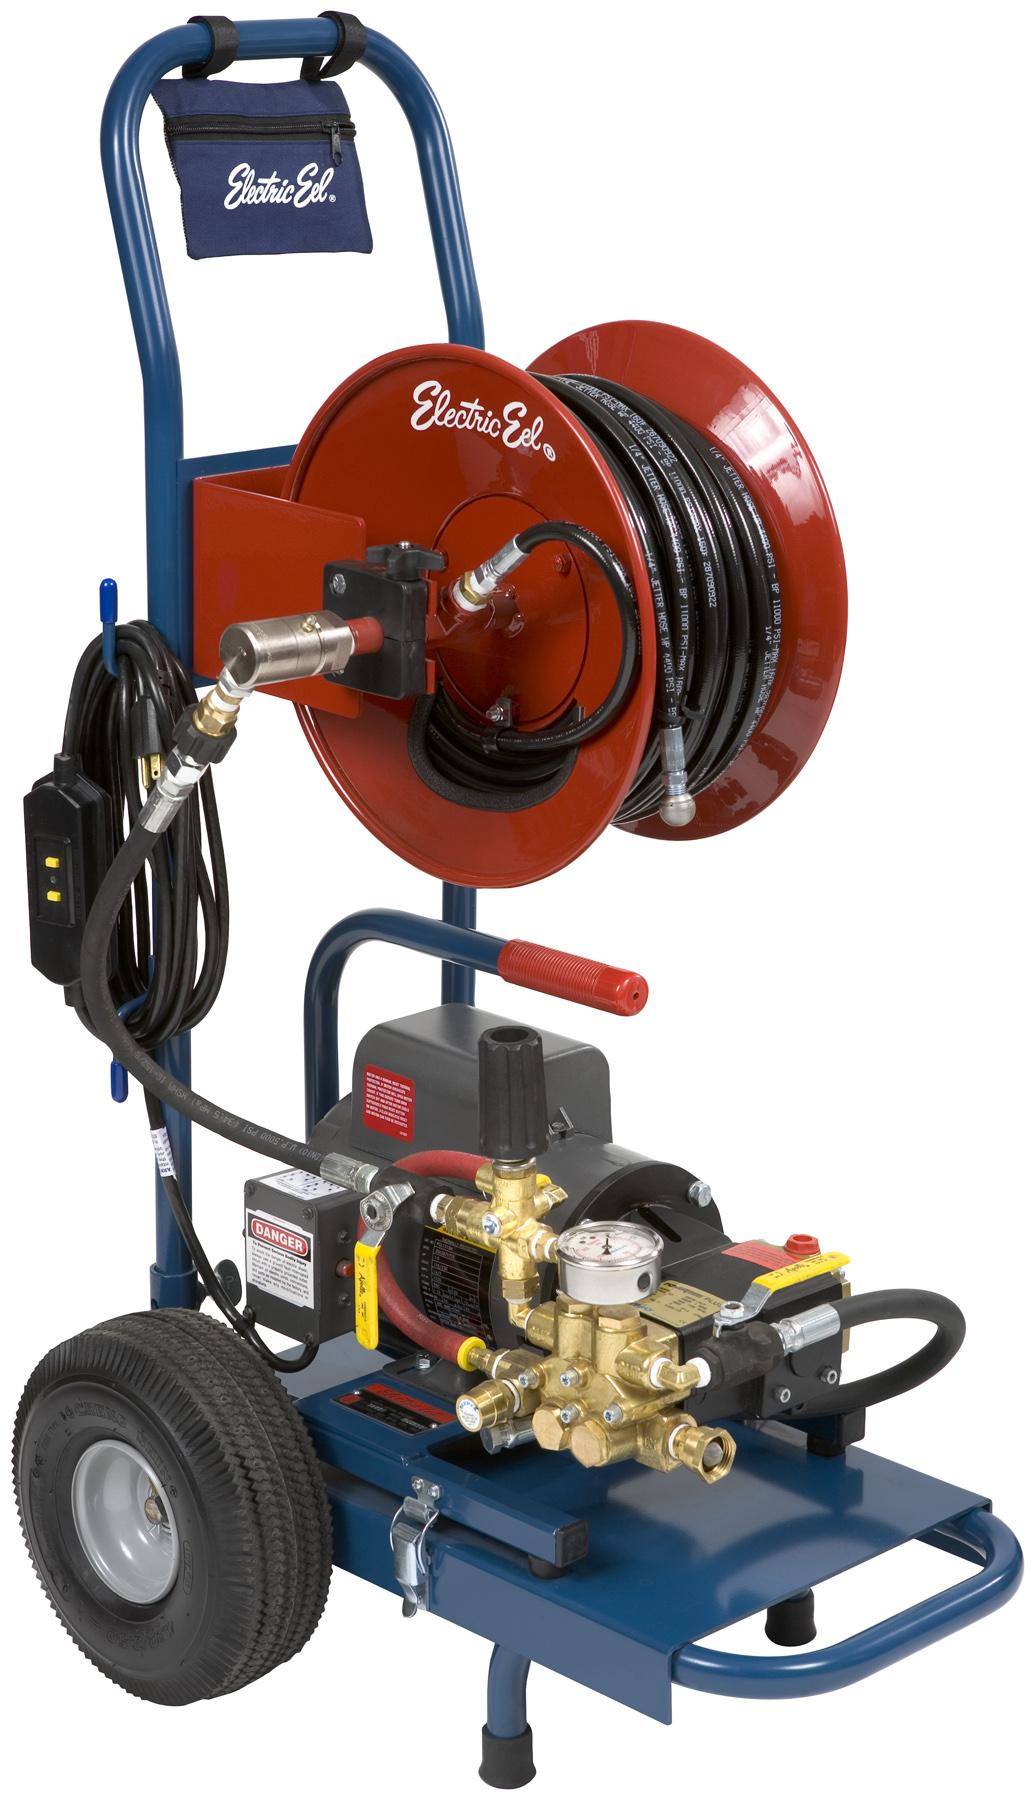 Model Ej1500 Jetter Cleaner Electric Eel